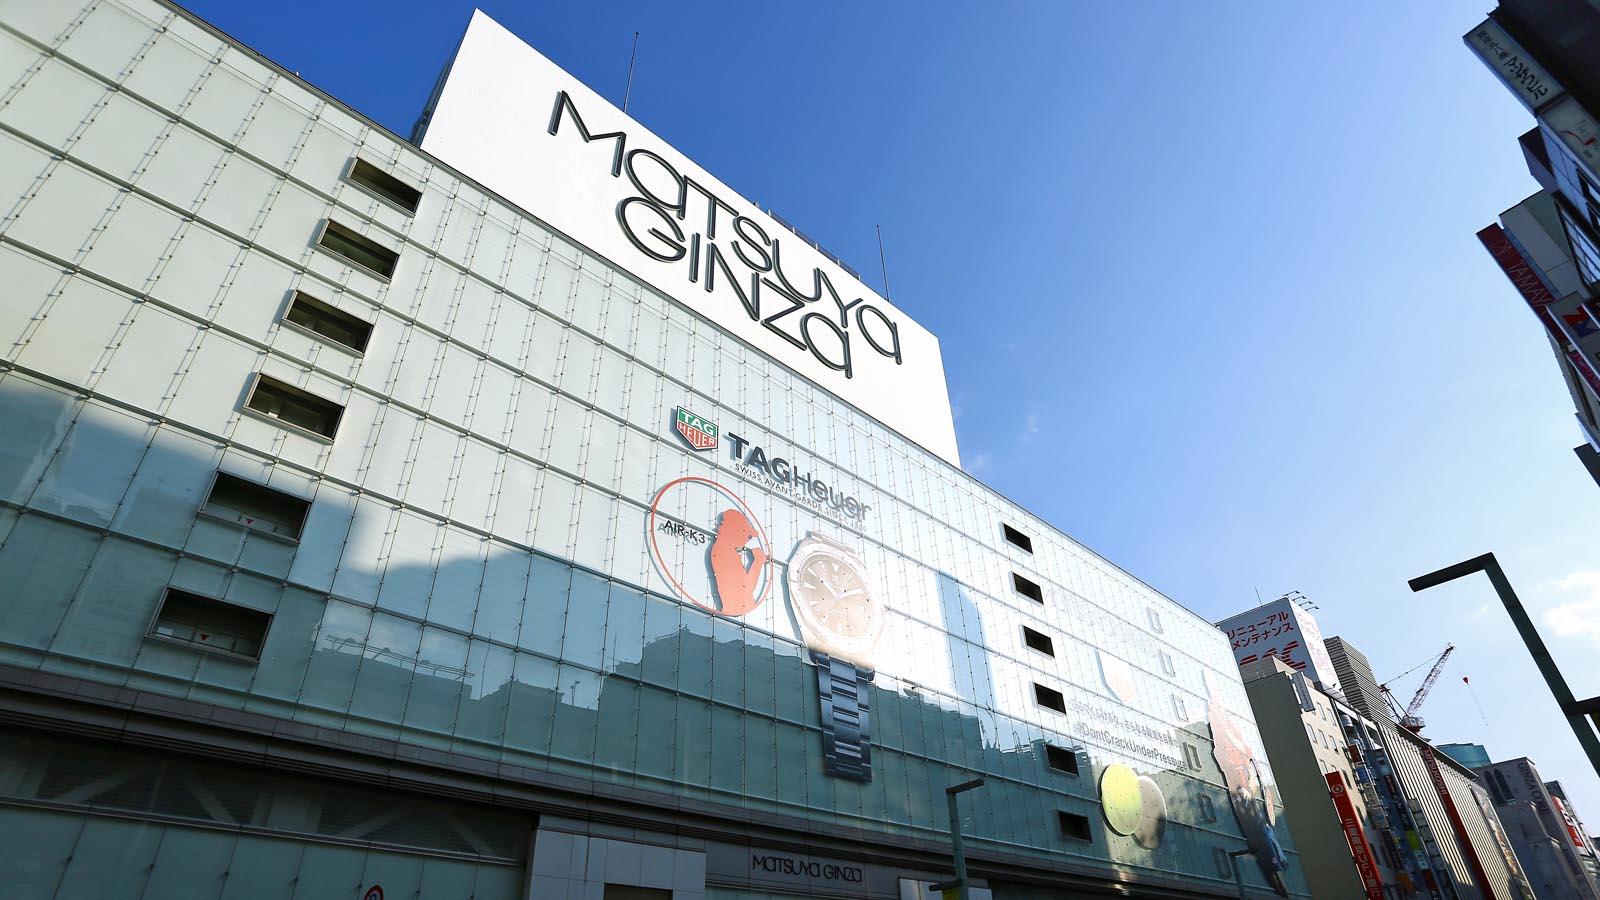 松屋銀座に「GINZA SIXの客」が流れ込むワケ | 百貨店・量販店・総合スーパー | 東洋経済オンライン | 経済ニュースの新基準